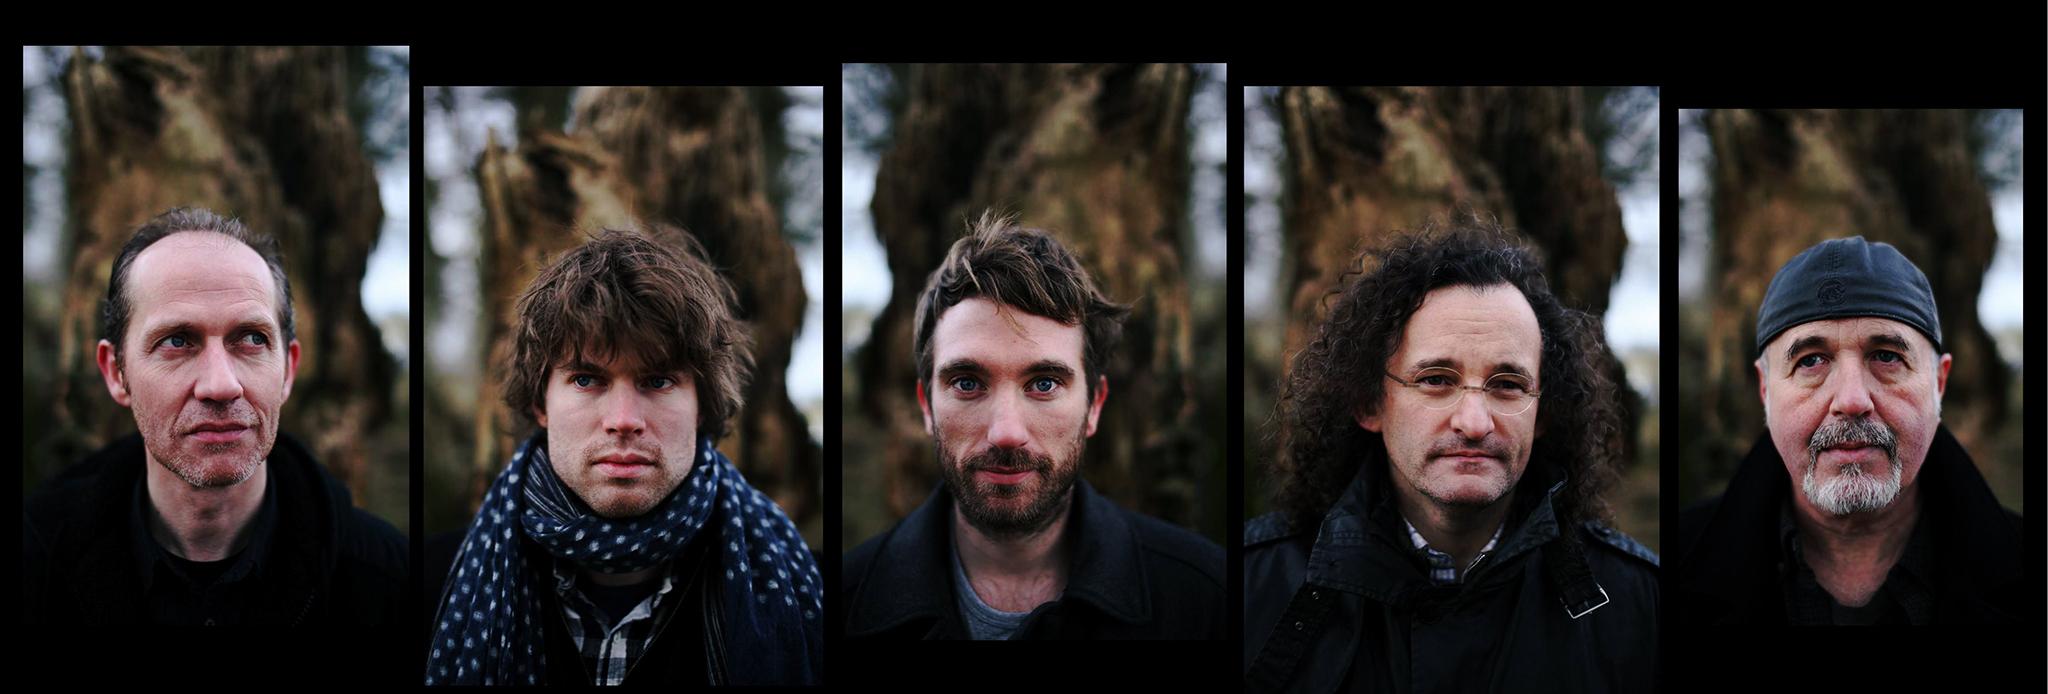 The Gloaming (left to right: Iarla Ó Lionáird, Thomas Bartlett, Caoimhin Ó Raghallaigh Martin Hayes, Dennis Cahill). Photo: Feargal Ward